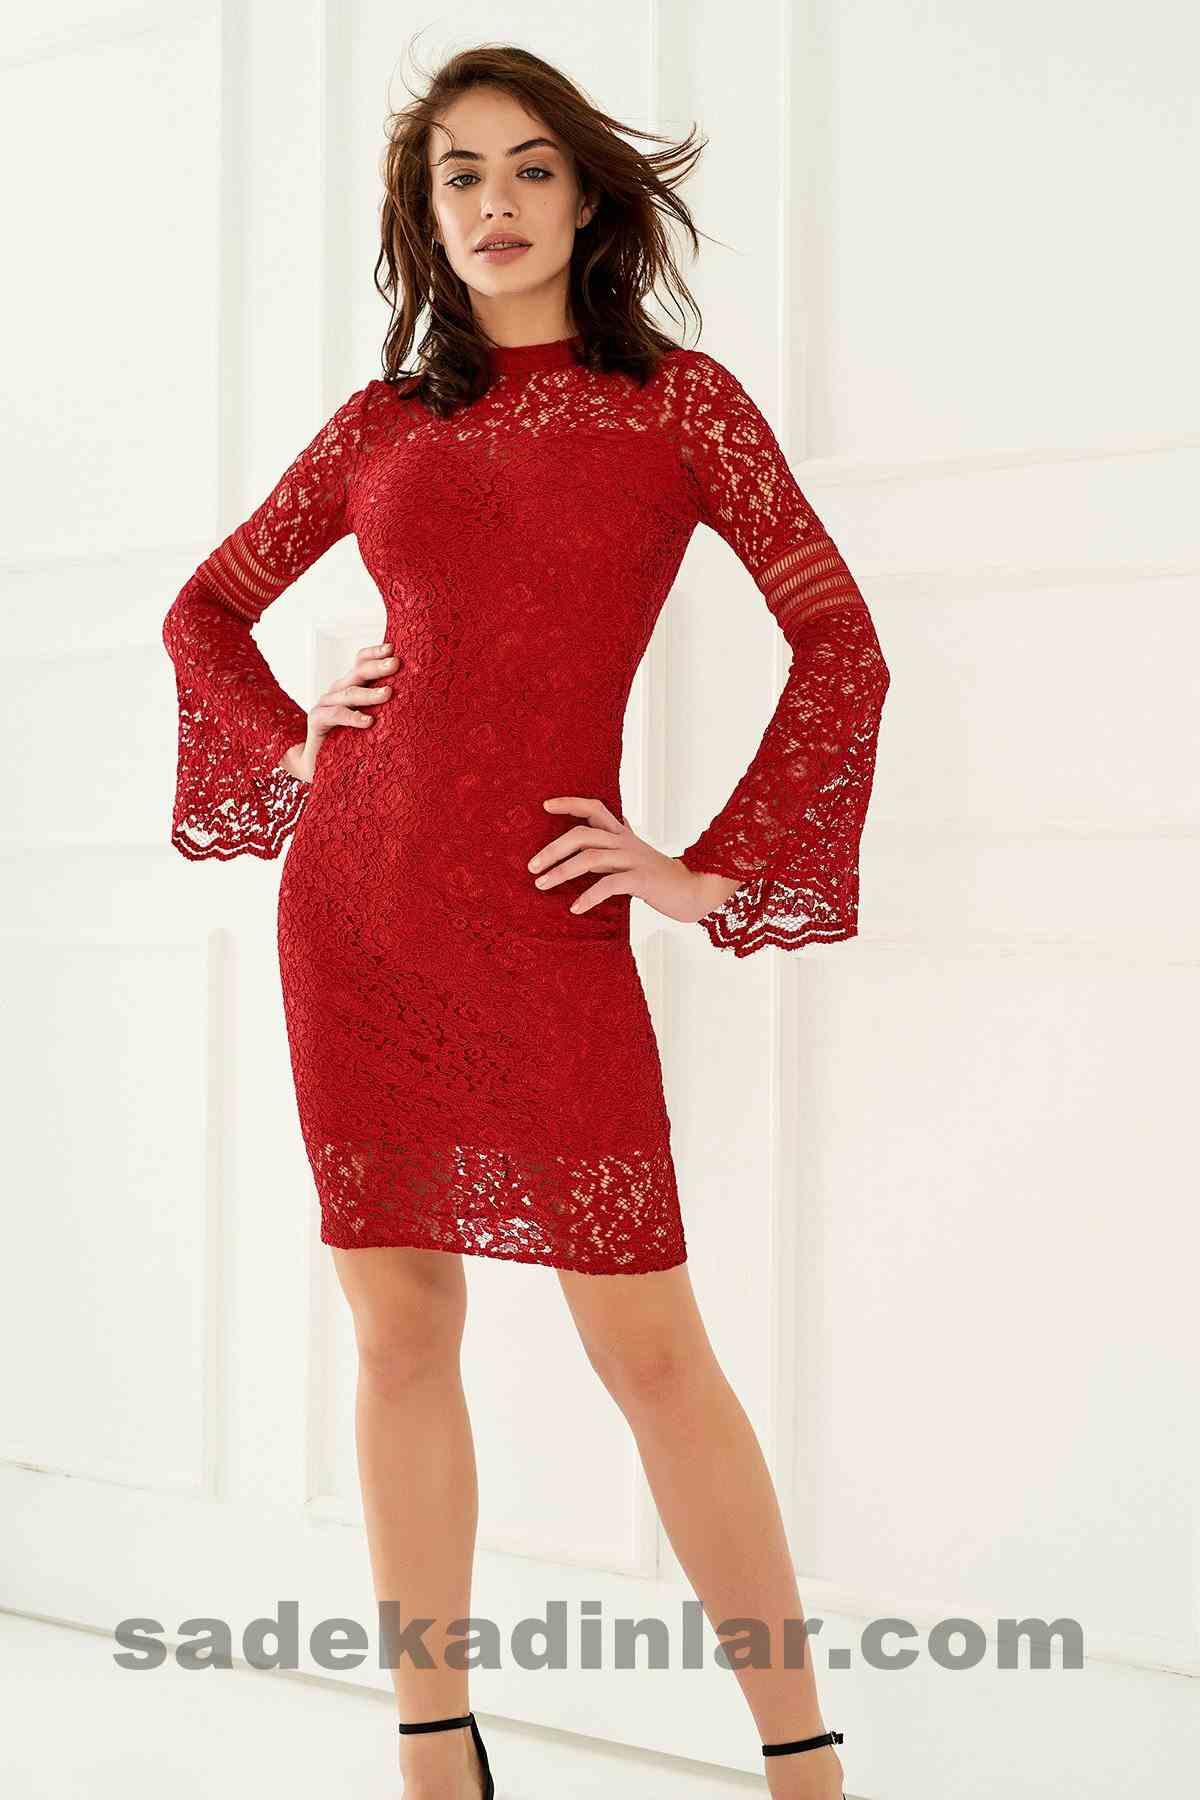 Abiye Elbise Modelleri Şık ve Güzel 2019 Gece Elbiseleri Bordo Kolu Volanlı Midi